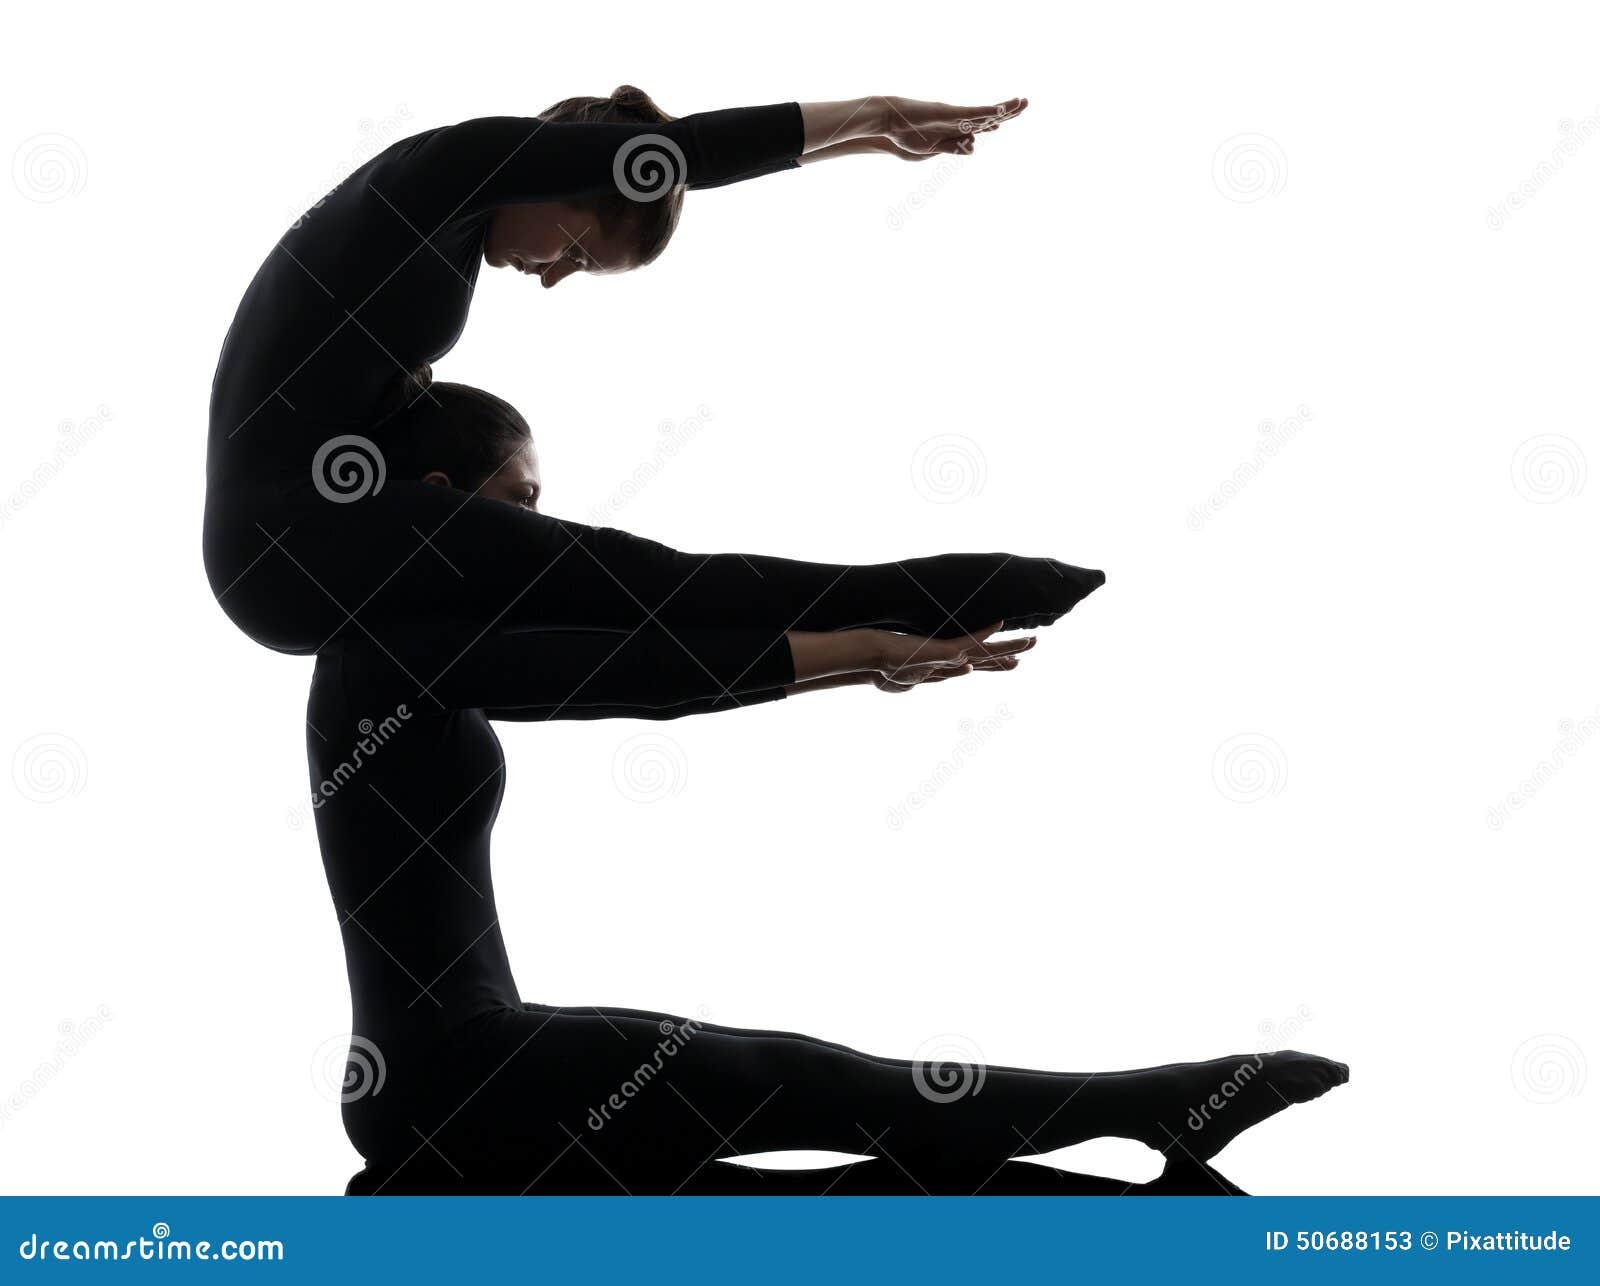 Ακροβάτης δύο γυναικών που ασκεί τη γυμναστική σκιαγραφία γιόγκας